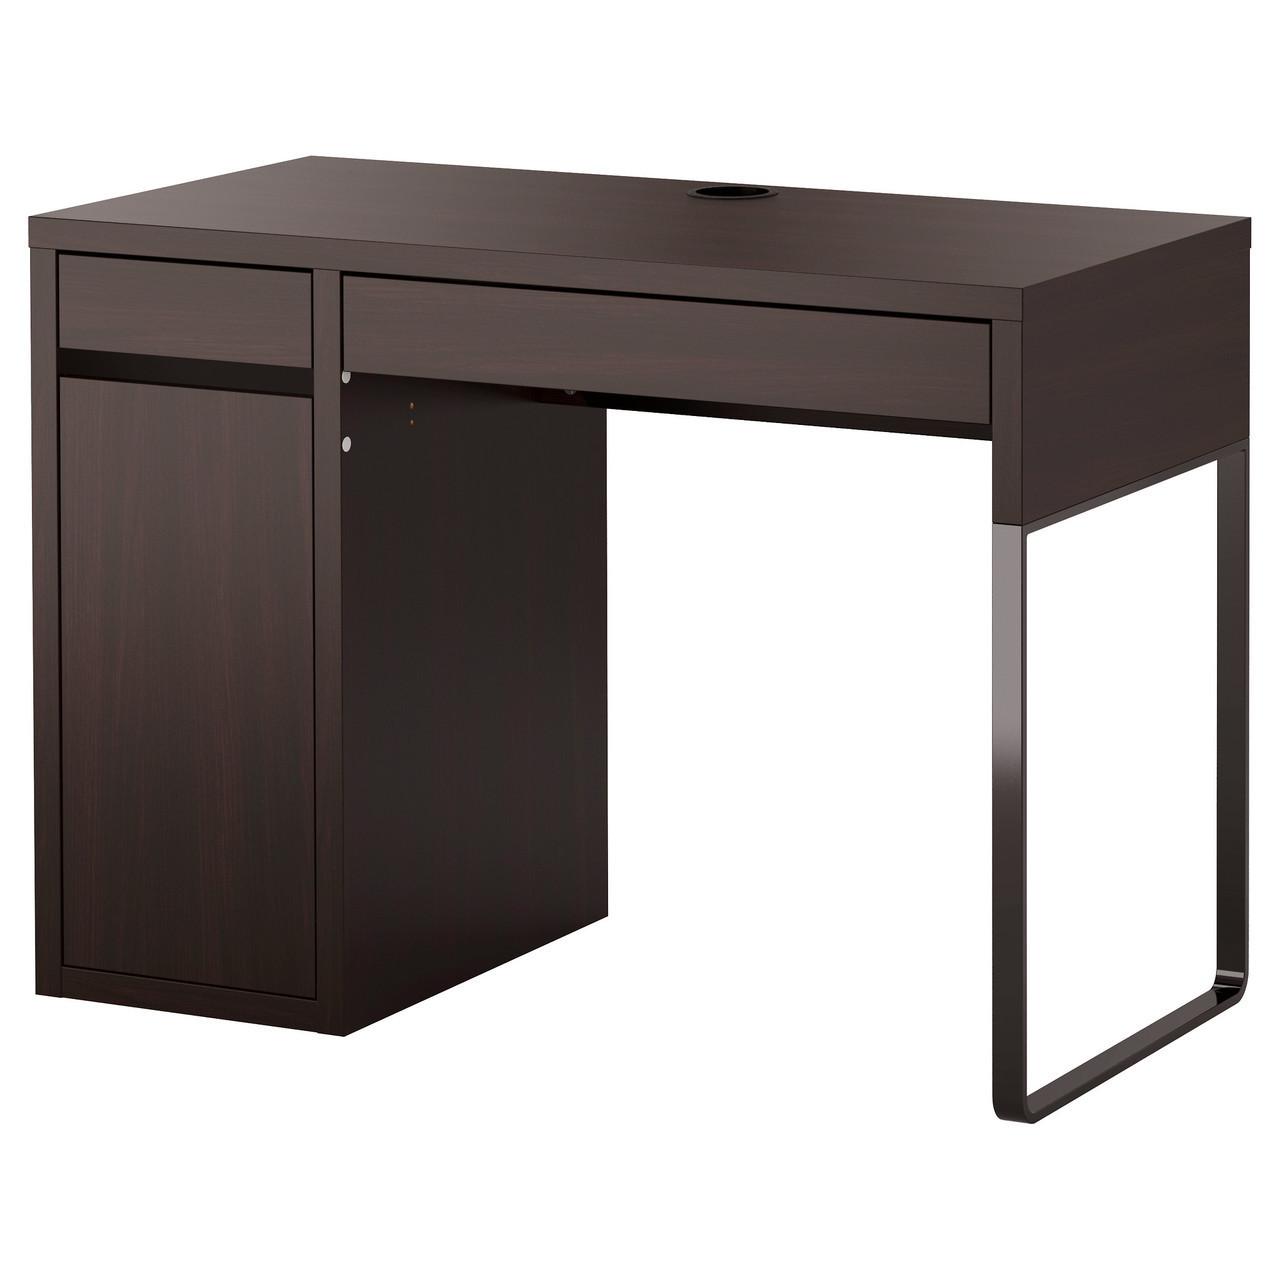 Письменный стол MICKE, черно-коричневый, IKEA, 102.447.43